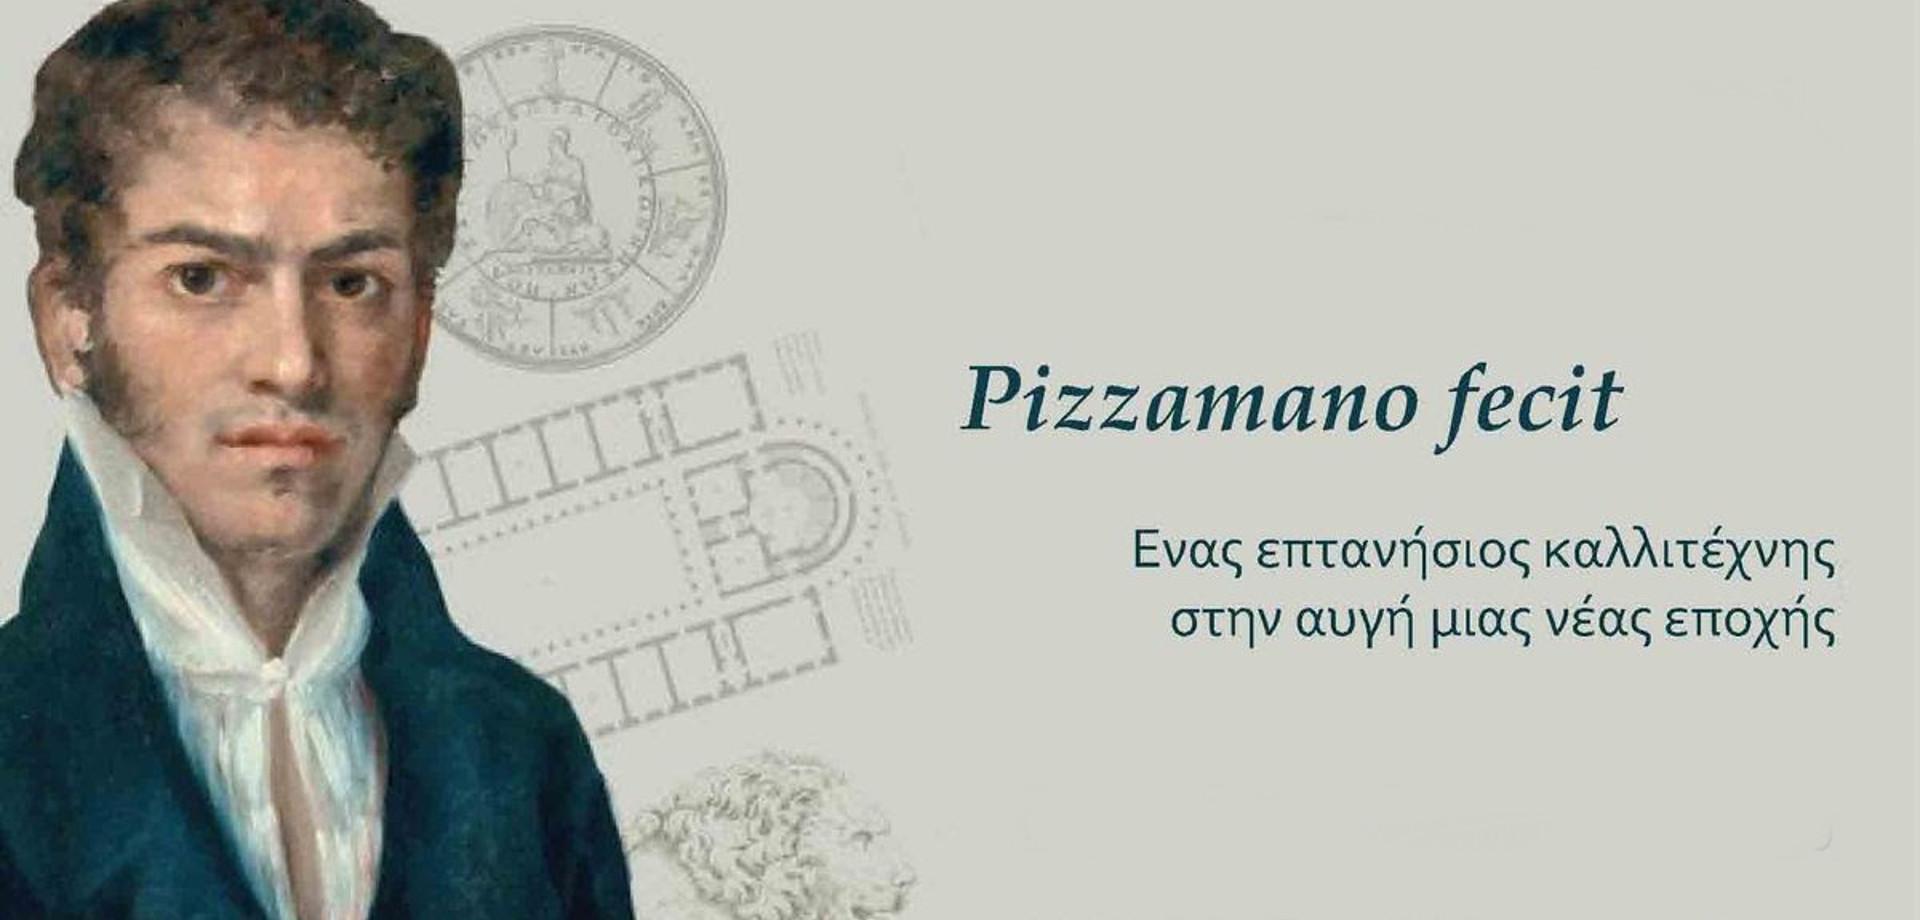 """""""Pizzamano fecit"""""""